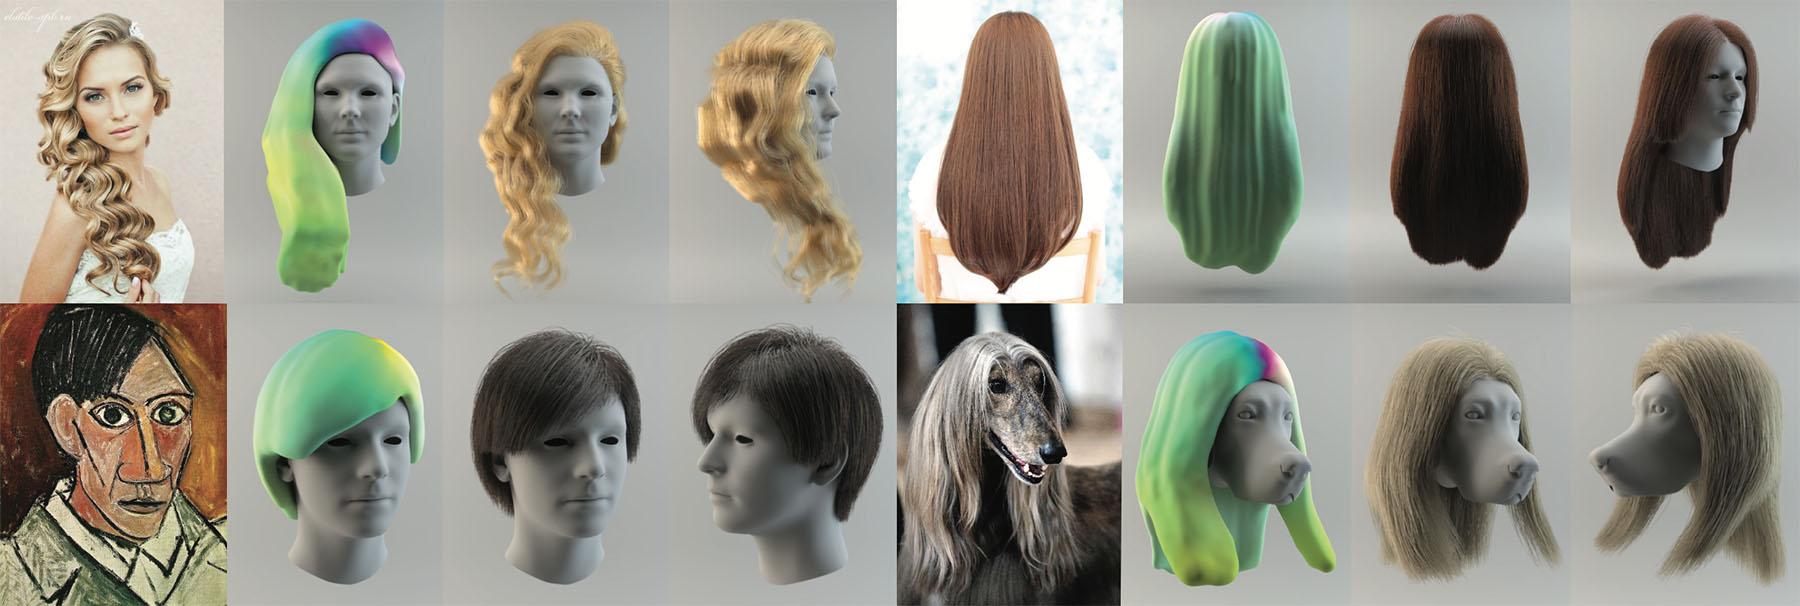 3d Hair Synthesis Using Volumetric Variational Autoencoders Linjie Luo